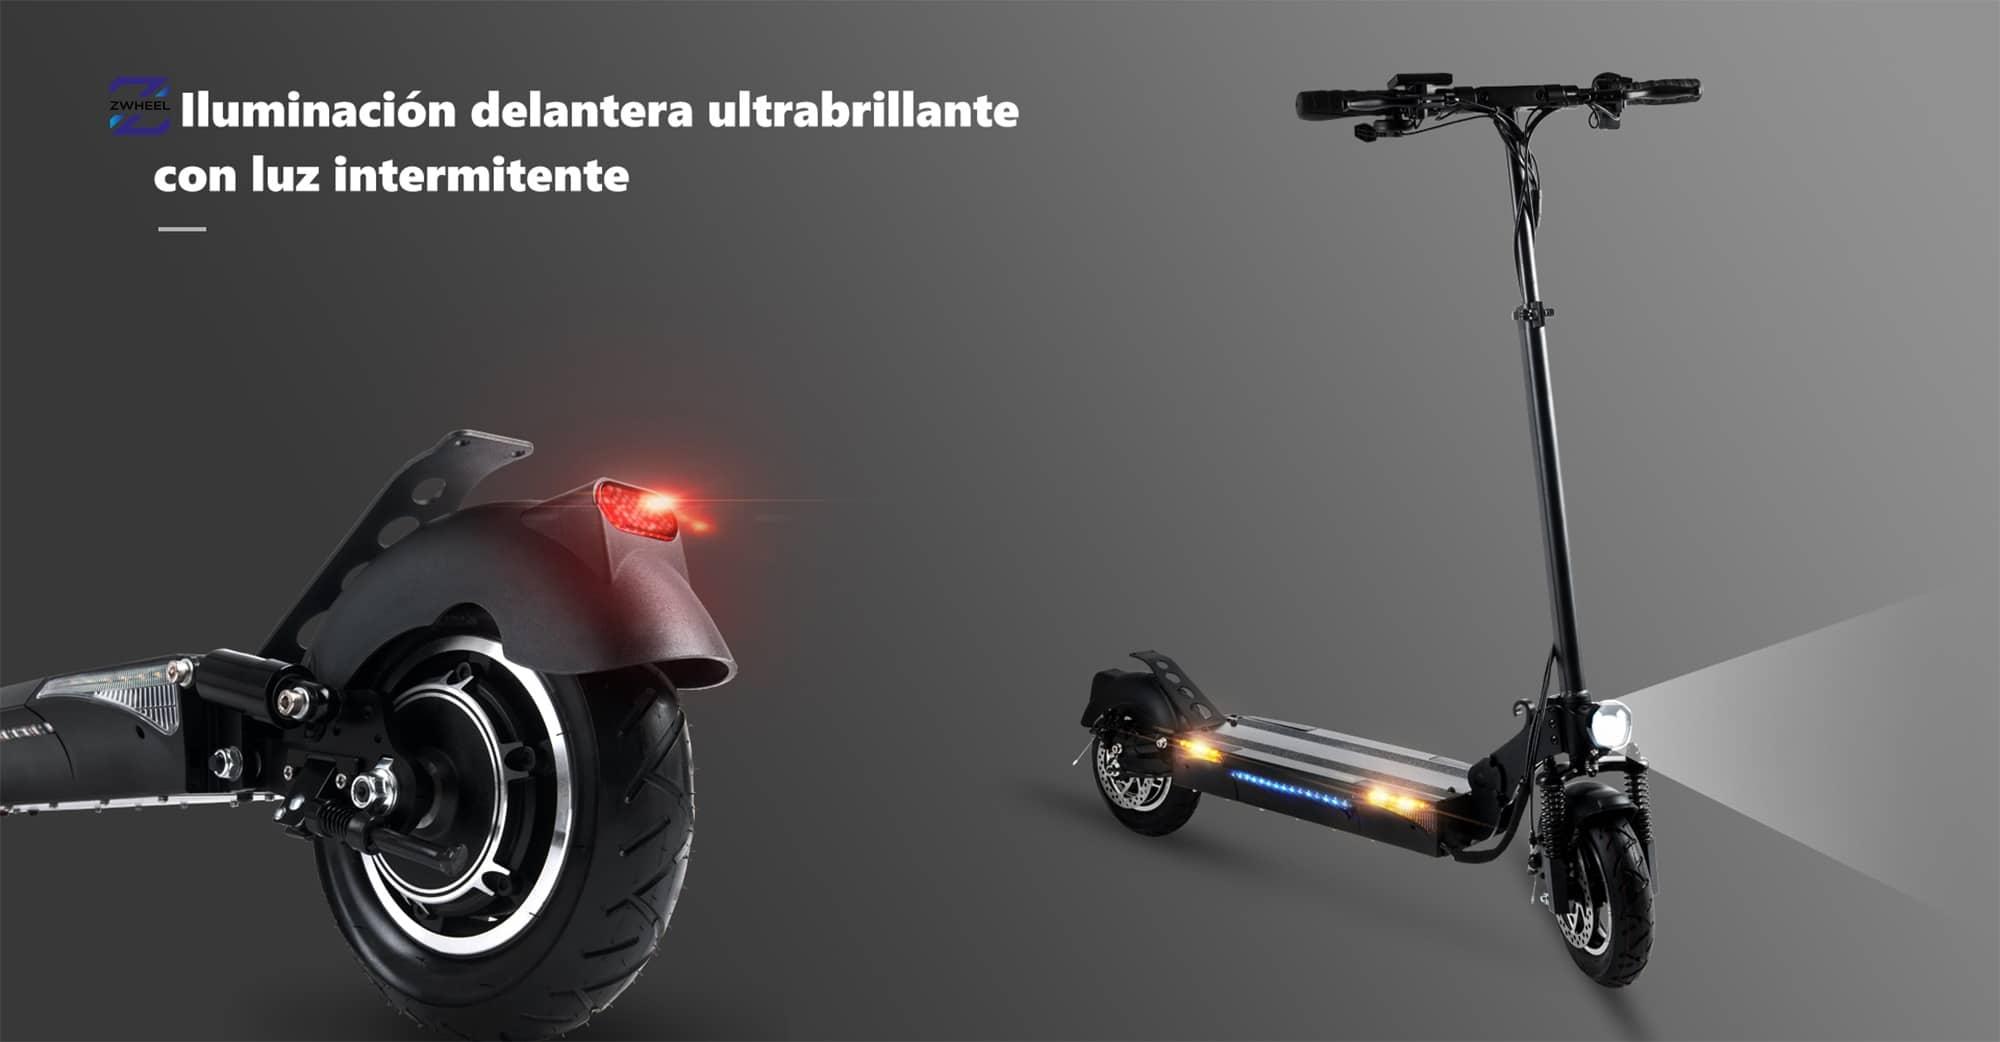 patinete-electrico-con-intermitentes.jpg